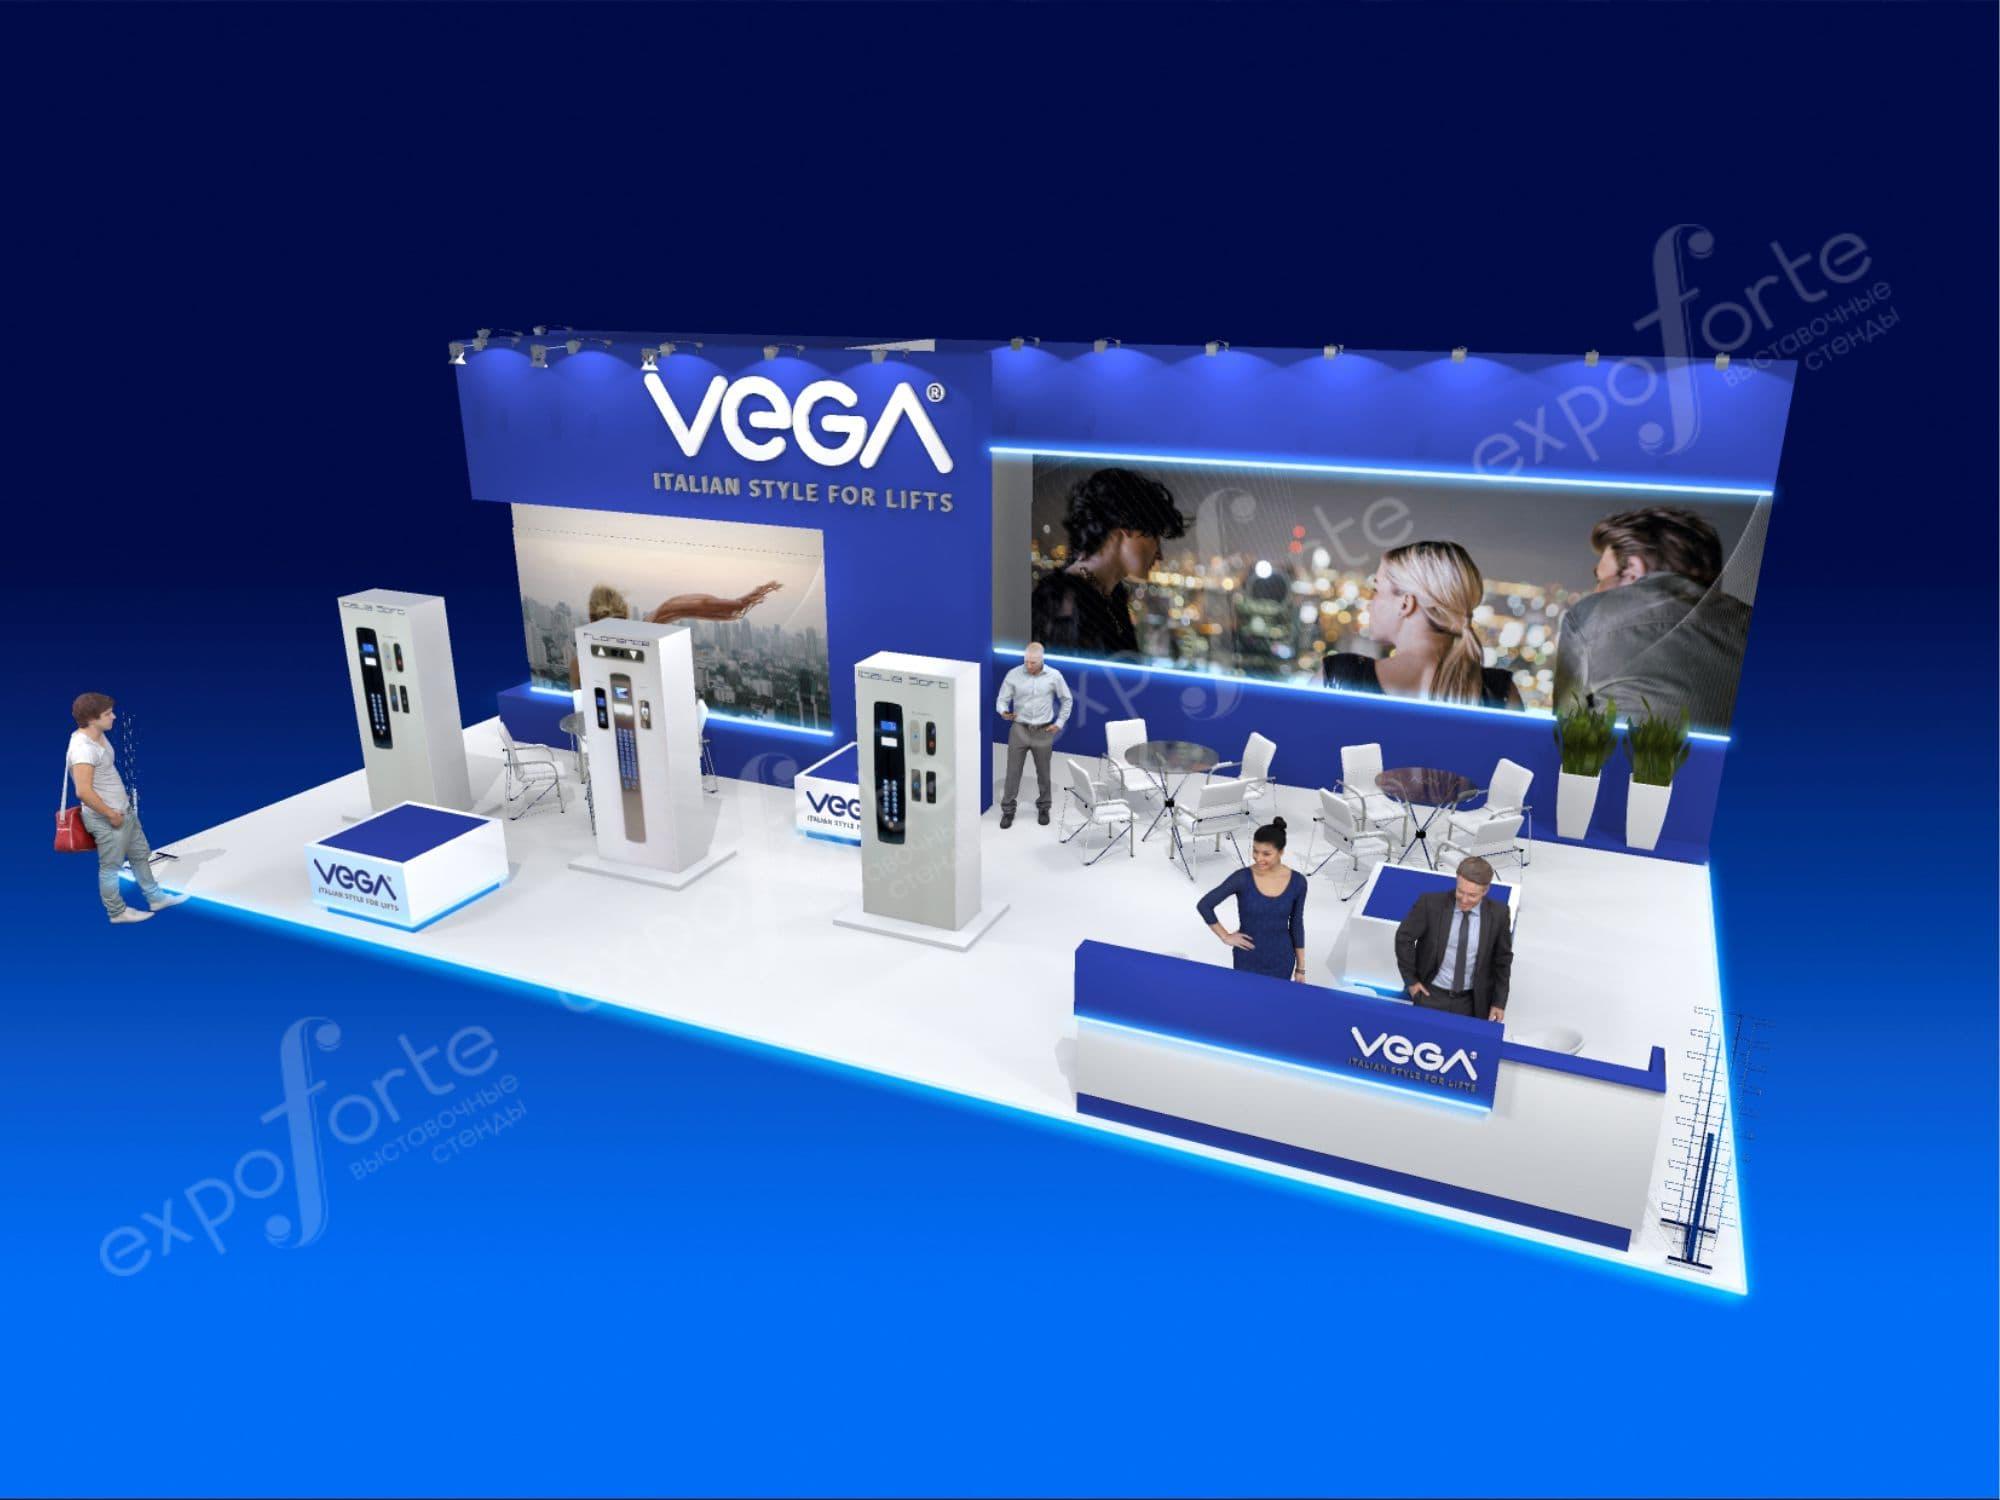 Фото: VEGA, выставка ЛИФТЫ – картинка 4